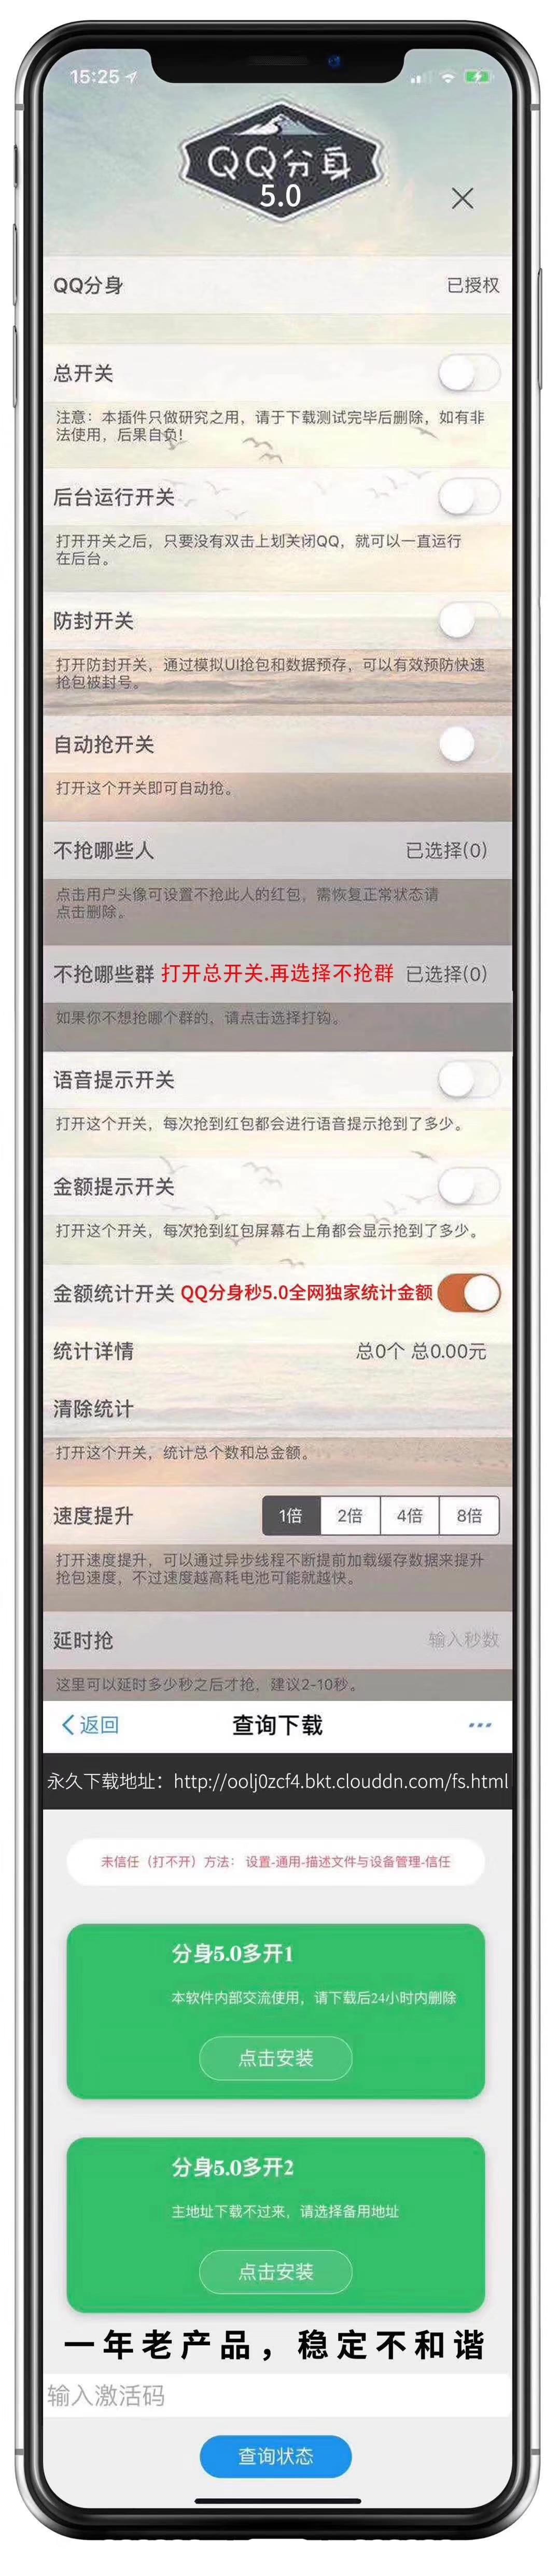 苹果QQ分身秒6.0双开版高端苹果QQ秒抢红包软件苹果QQ分身秒激活码